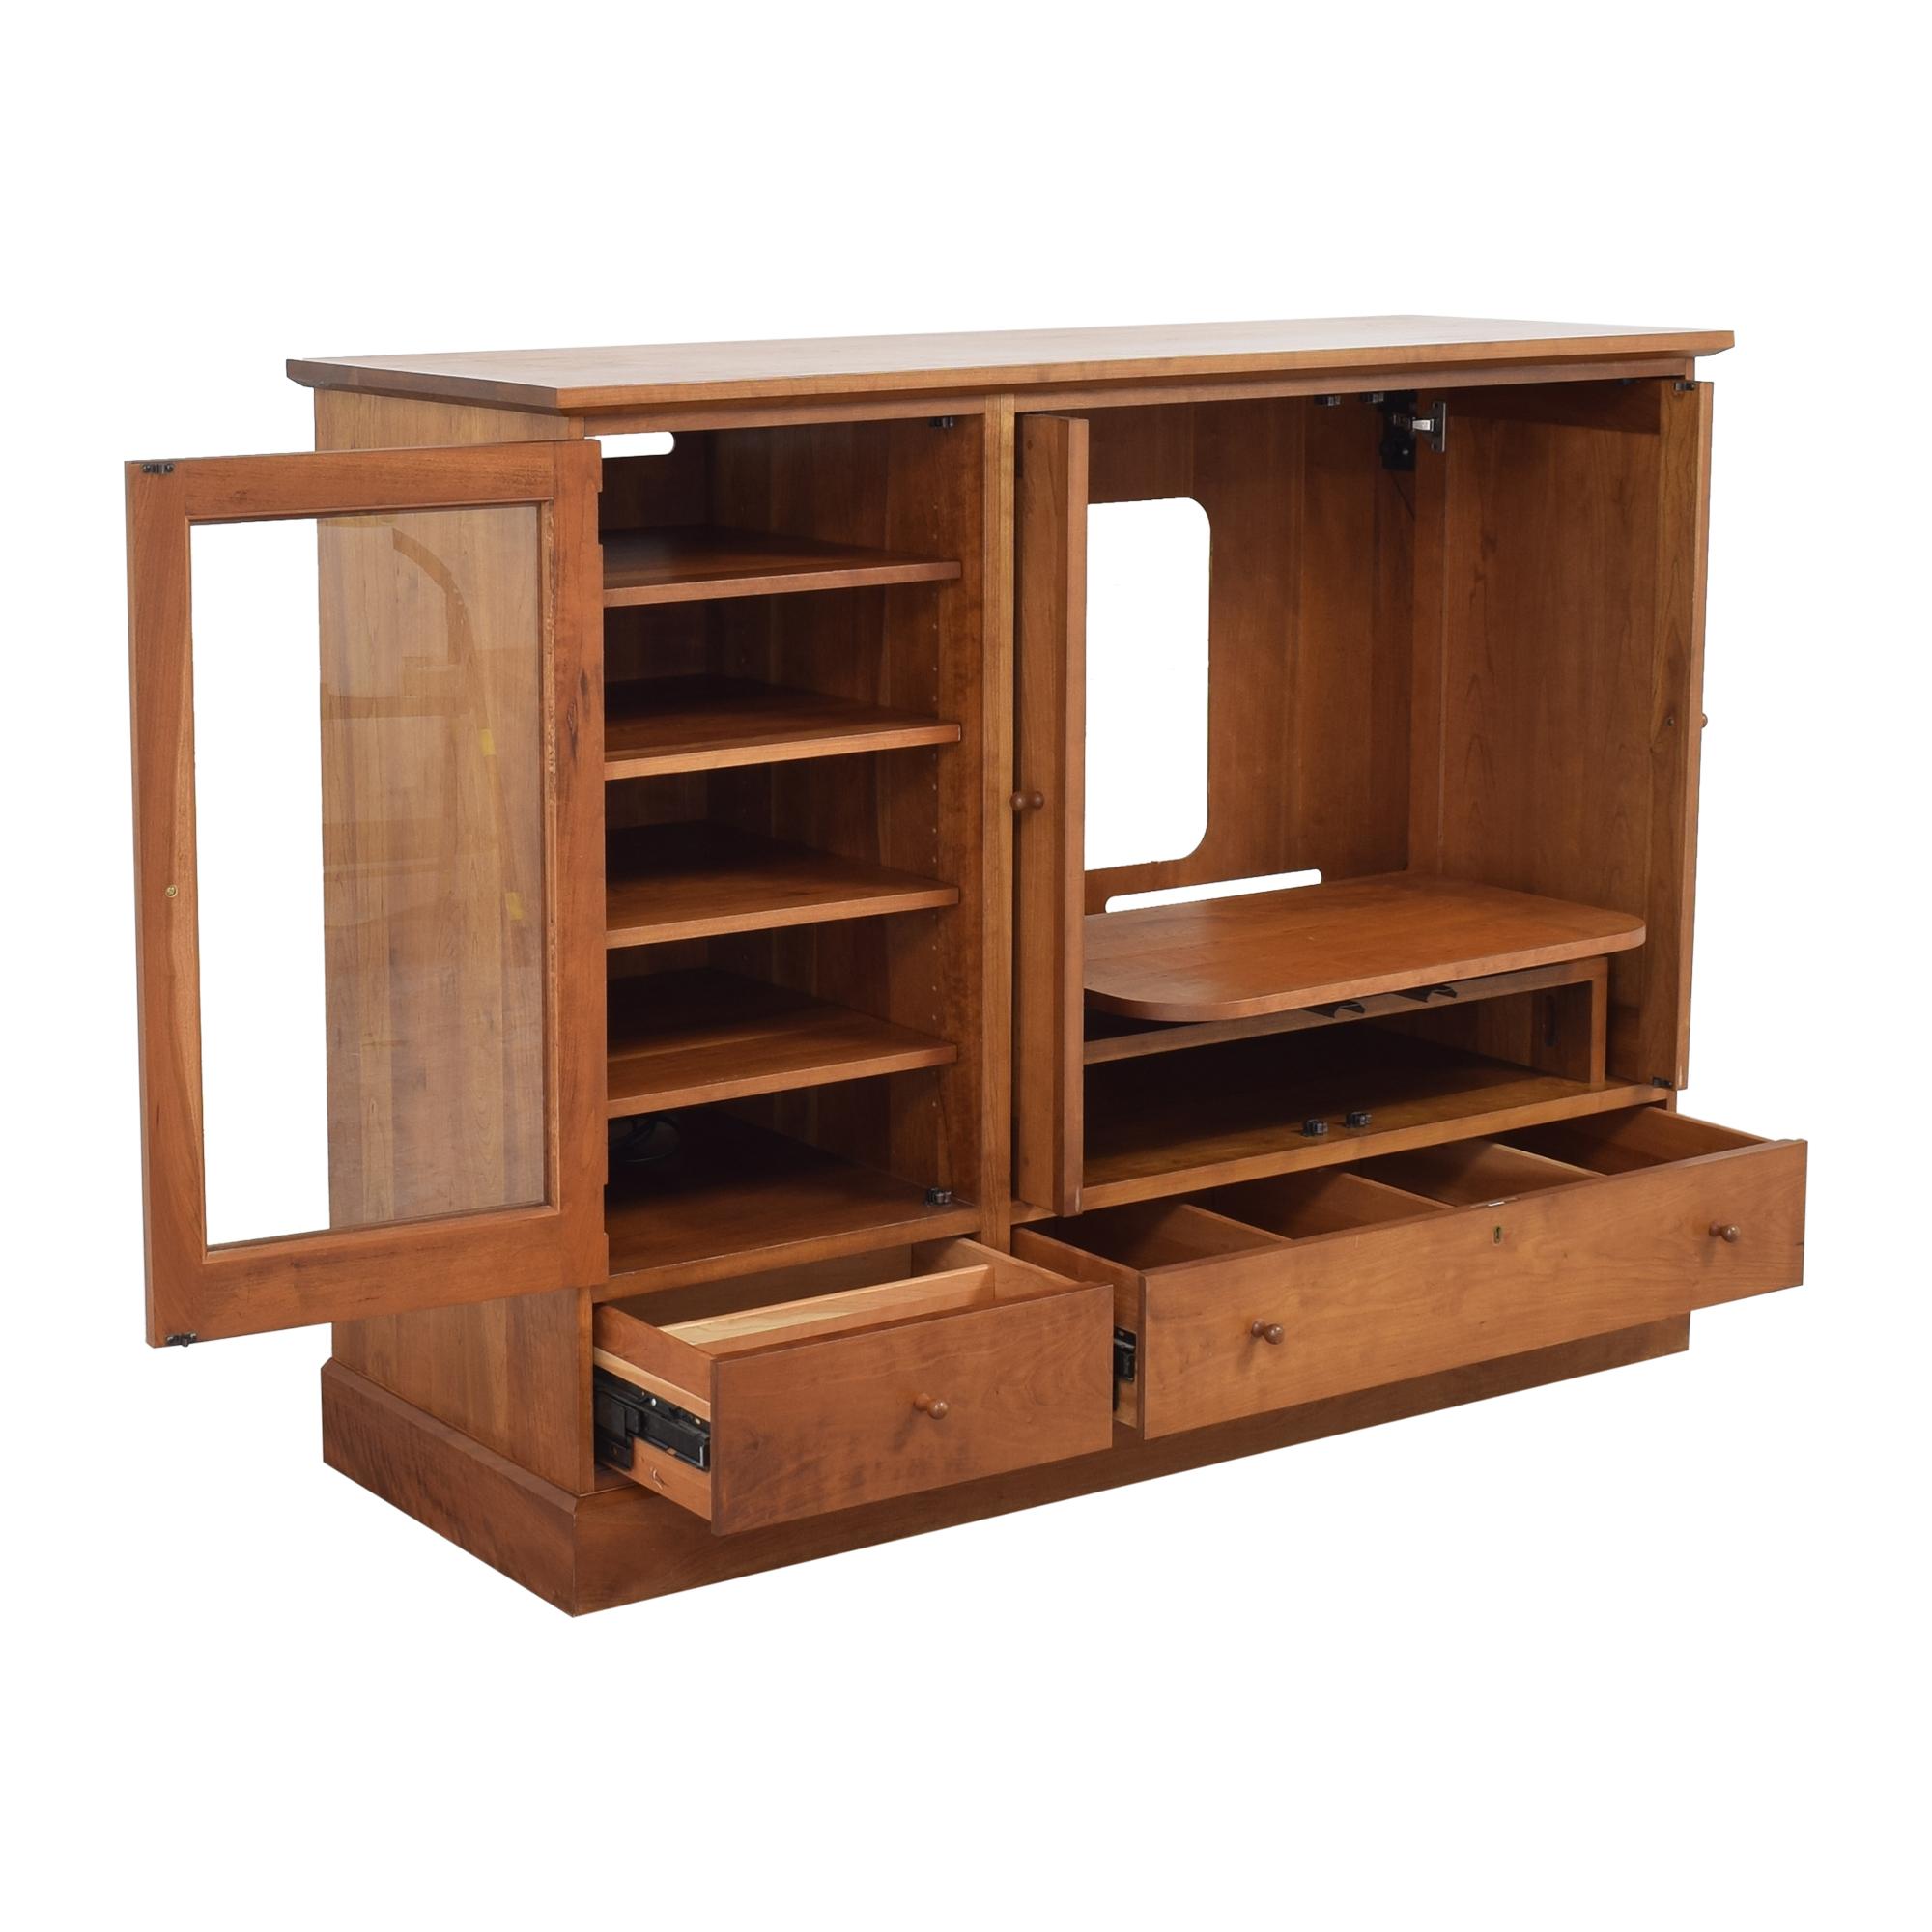 Stickley Furniture Stickley Furniture Media Unit dimensions